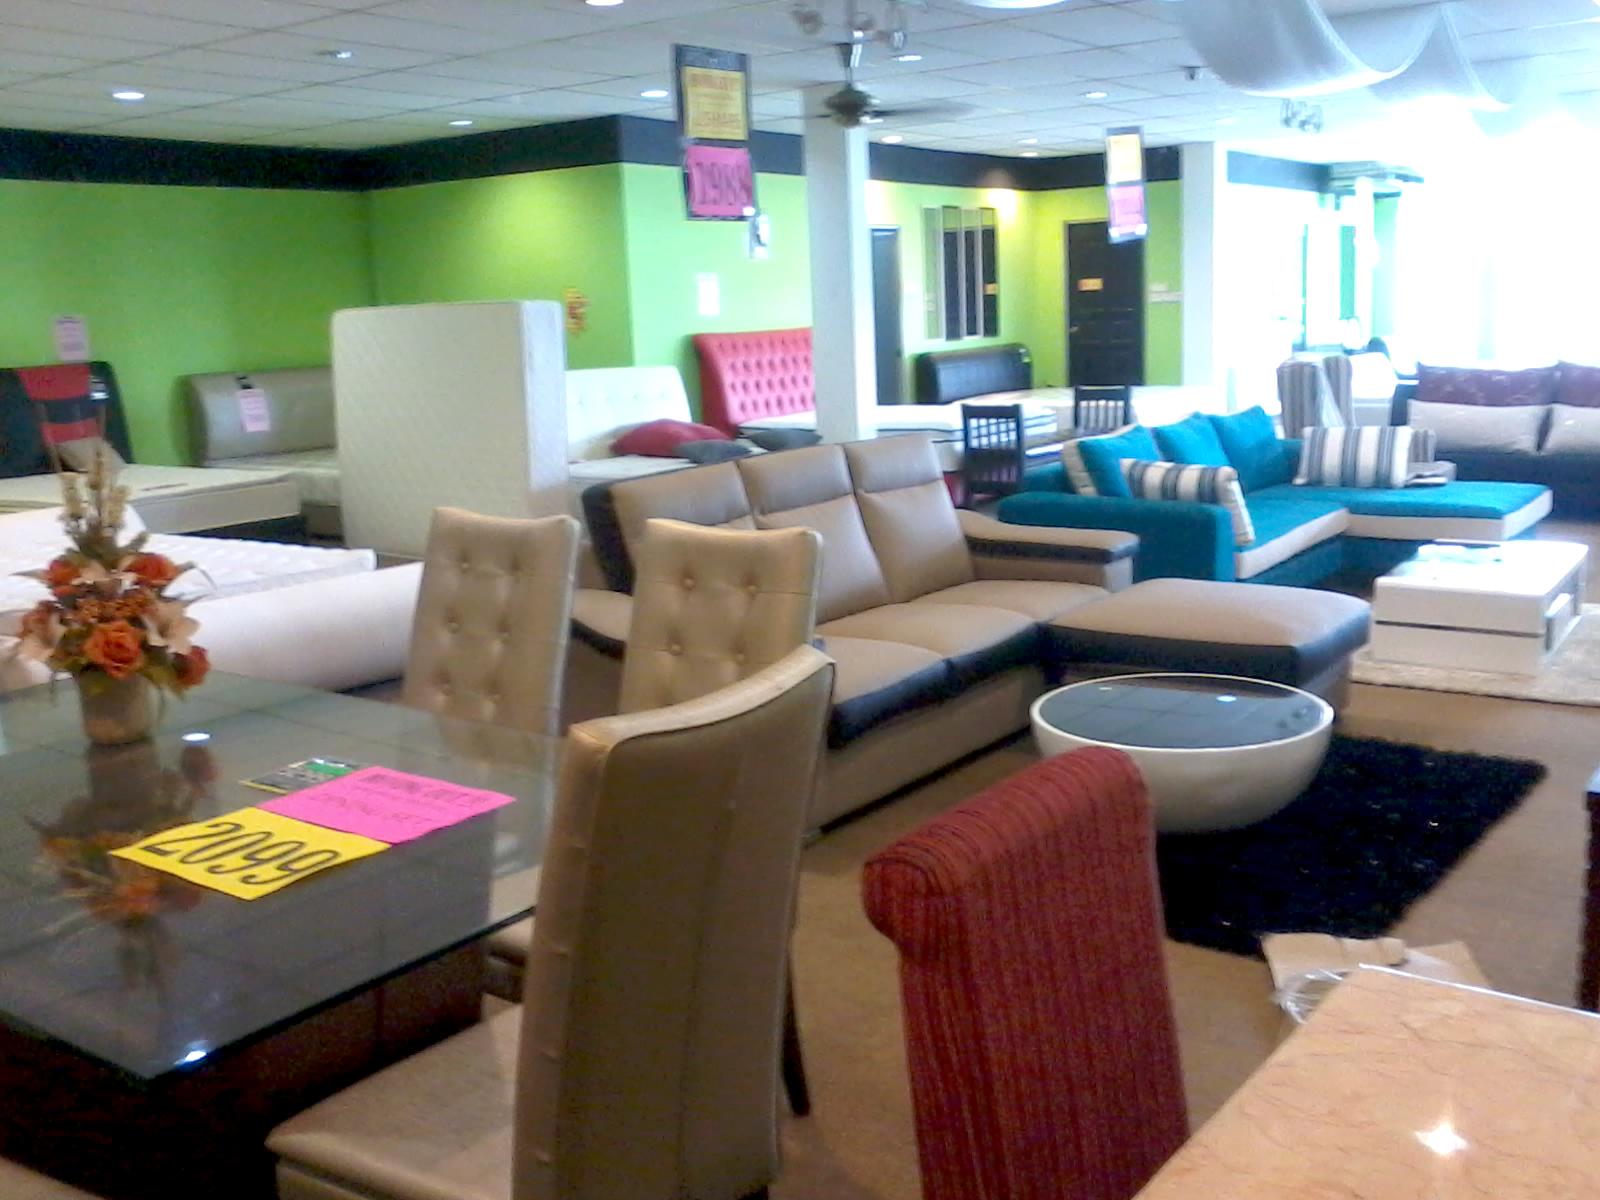 Set Sofa Meja Makan Dan Perabot Hiasan Ada Kat Area Ni